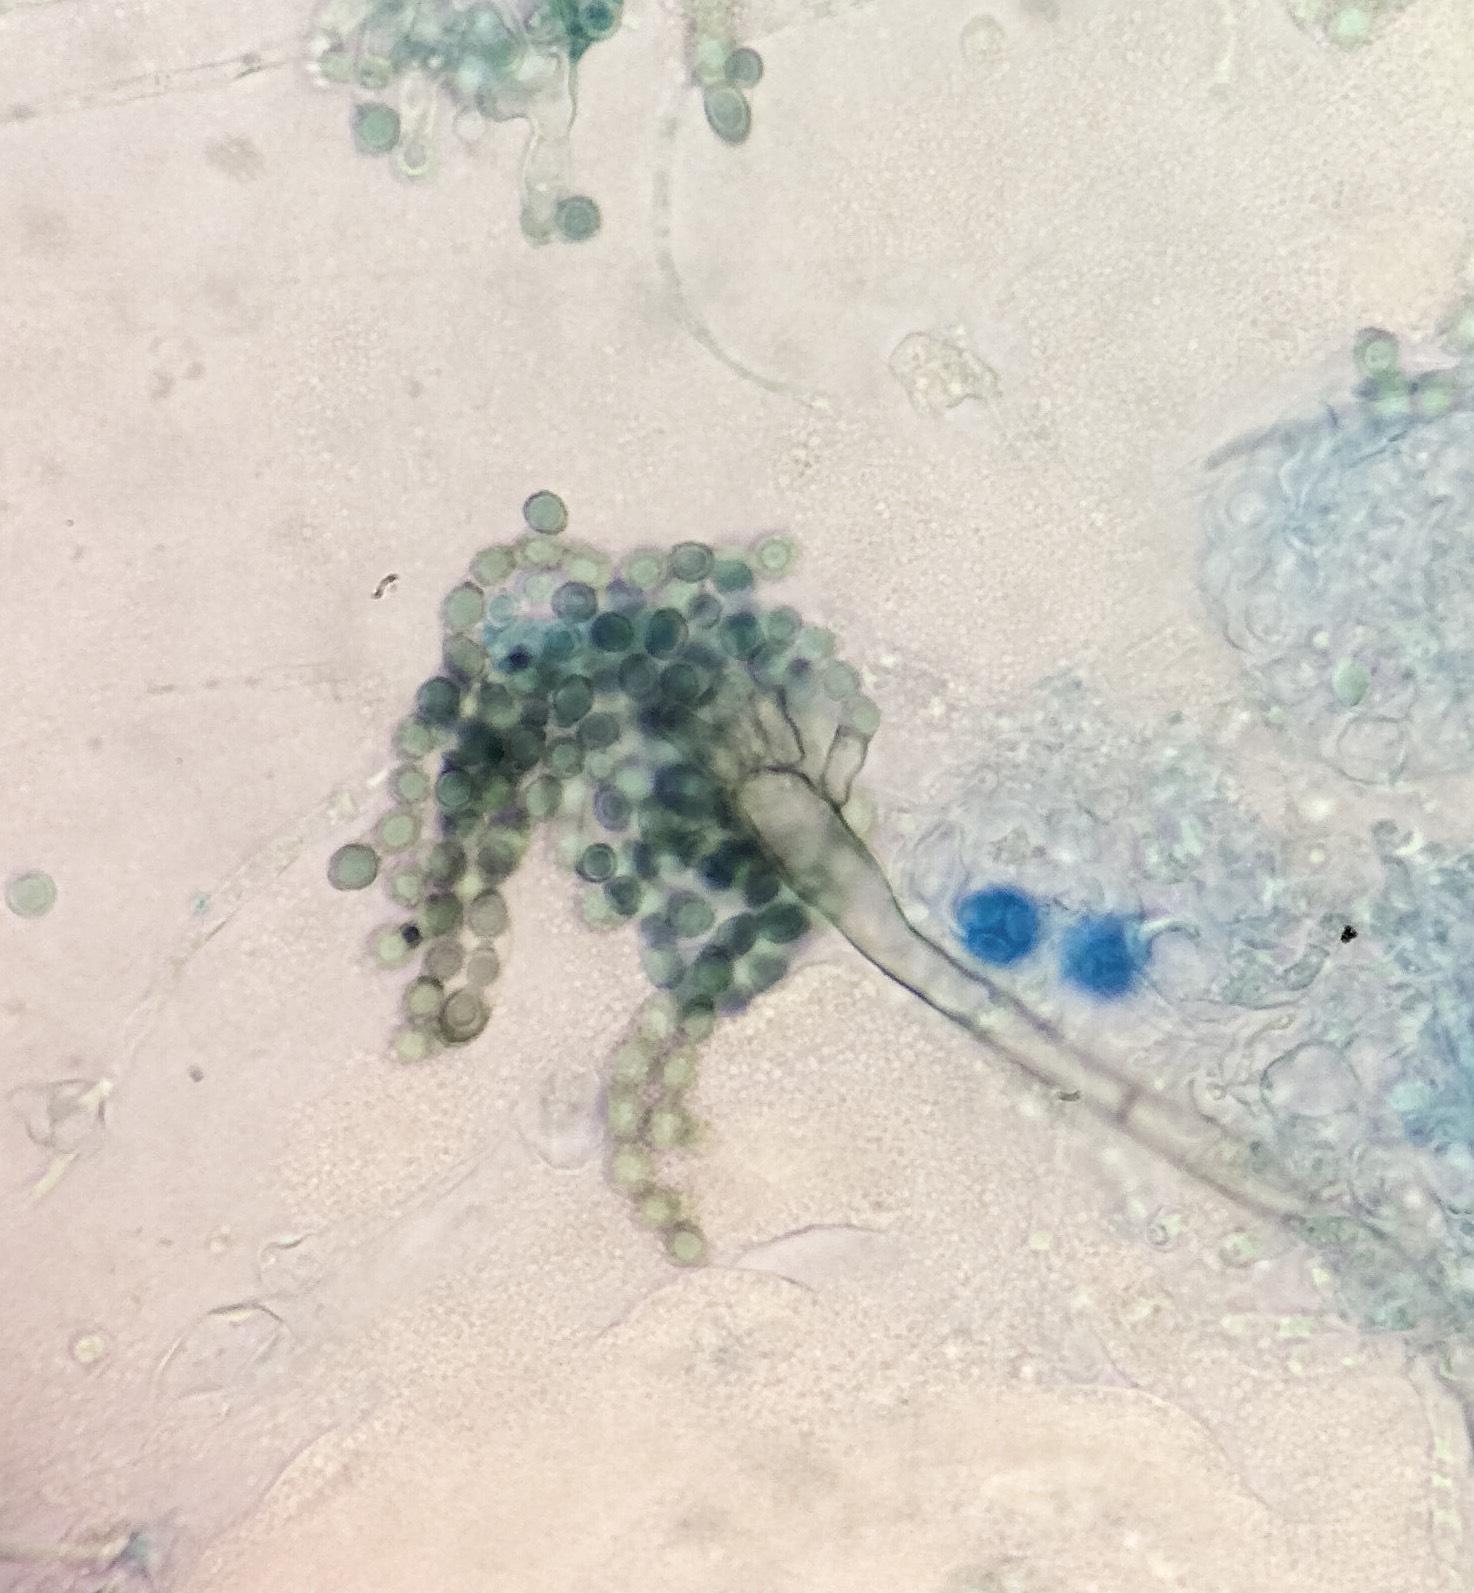 Aspergillus glaucus